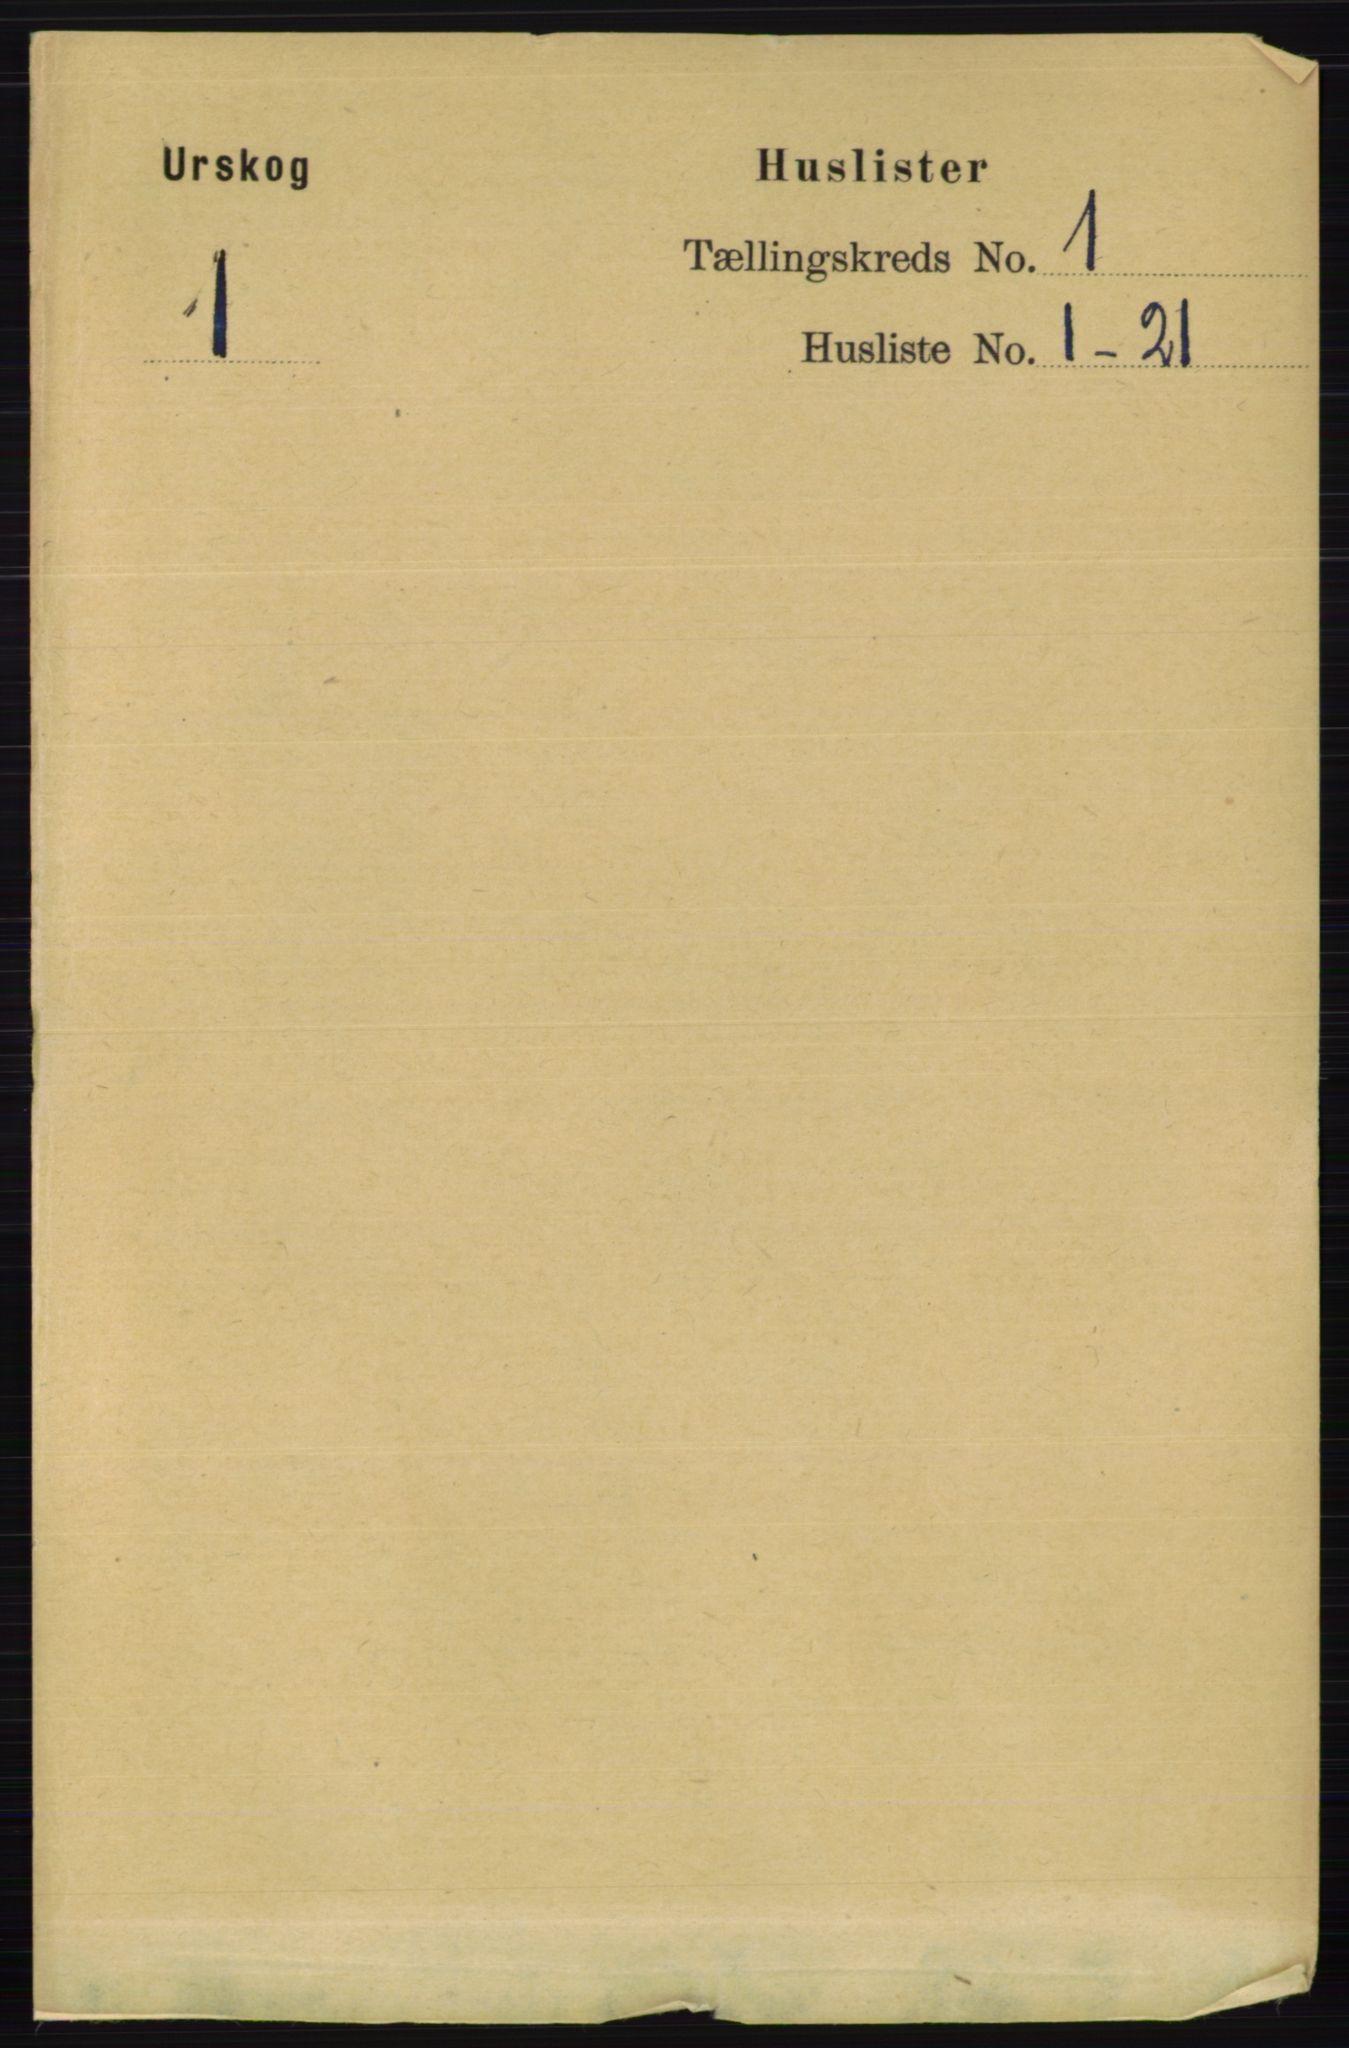 RA, Folketelling 1891 for 0224 Aurskog herred, 1891, s. 29